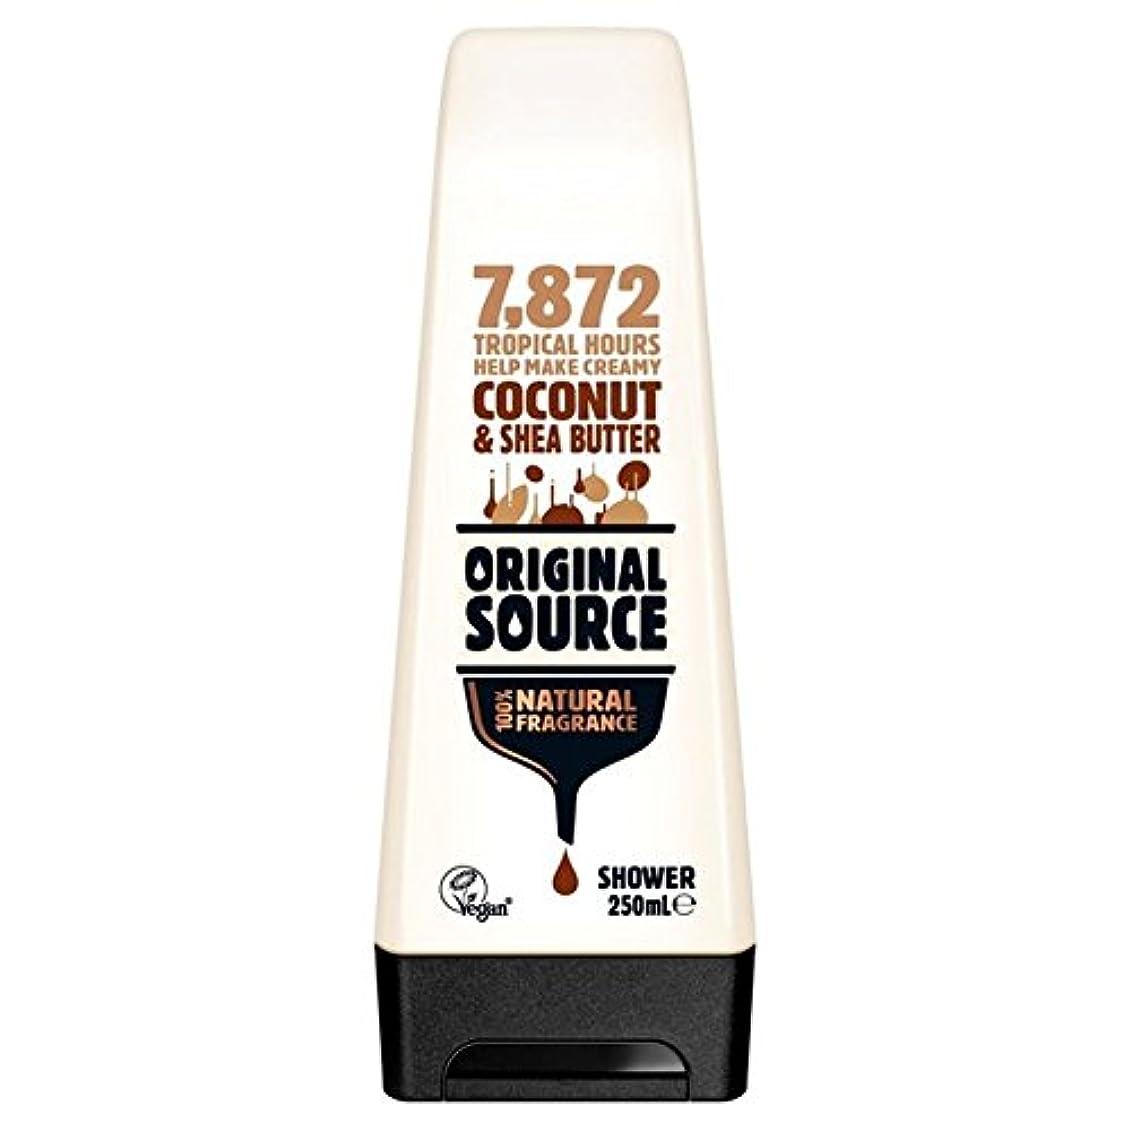 対注目すべき北西元のソース保湿ココナッツ&シアバターシャワージェル250ミリリットル x2 - Original Source Moisturising Coconut & Shea Butter Shower Gel 250ml (Pack...